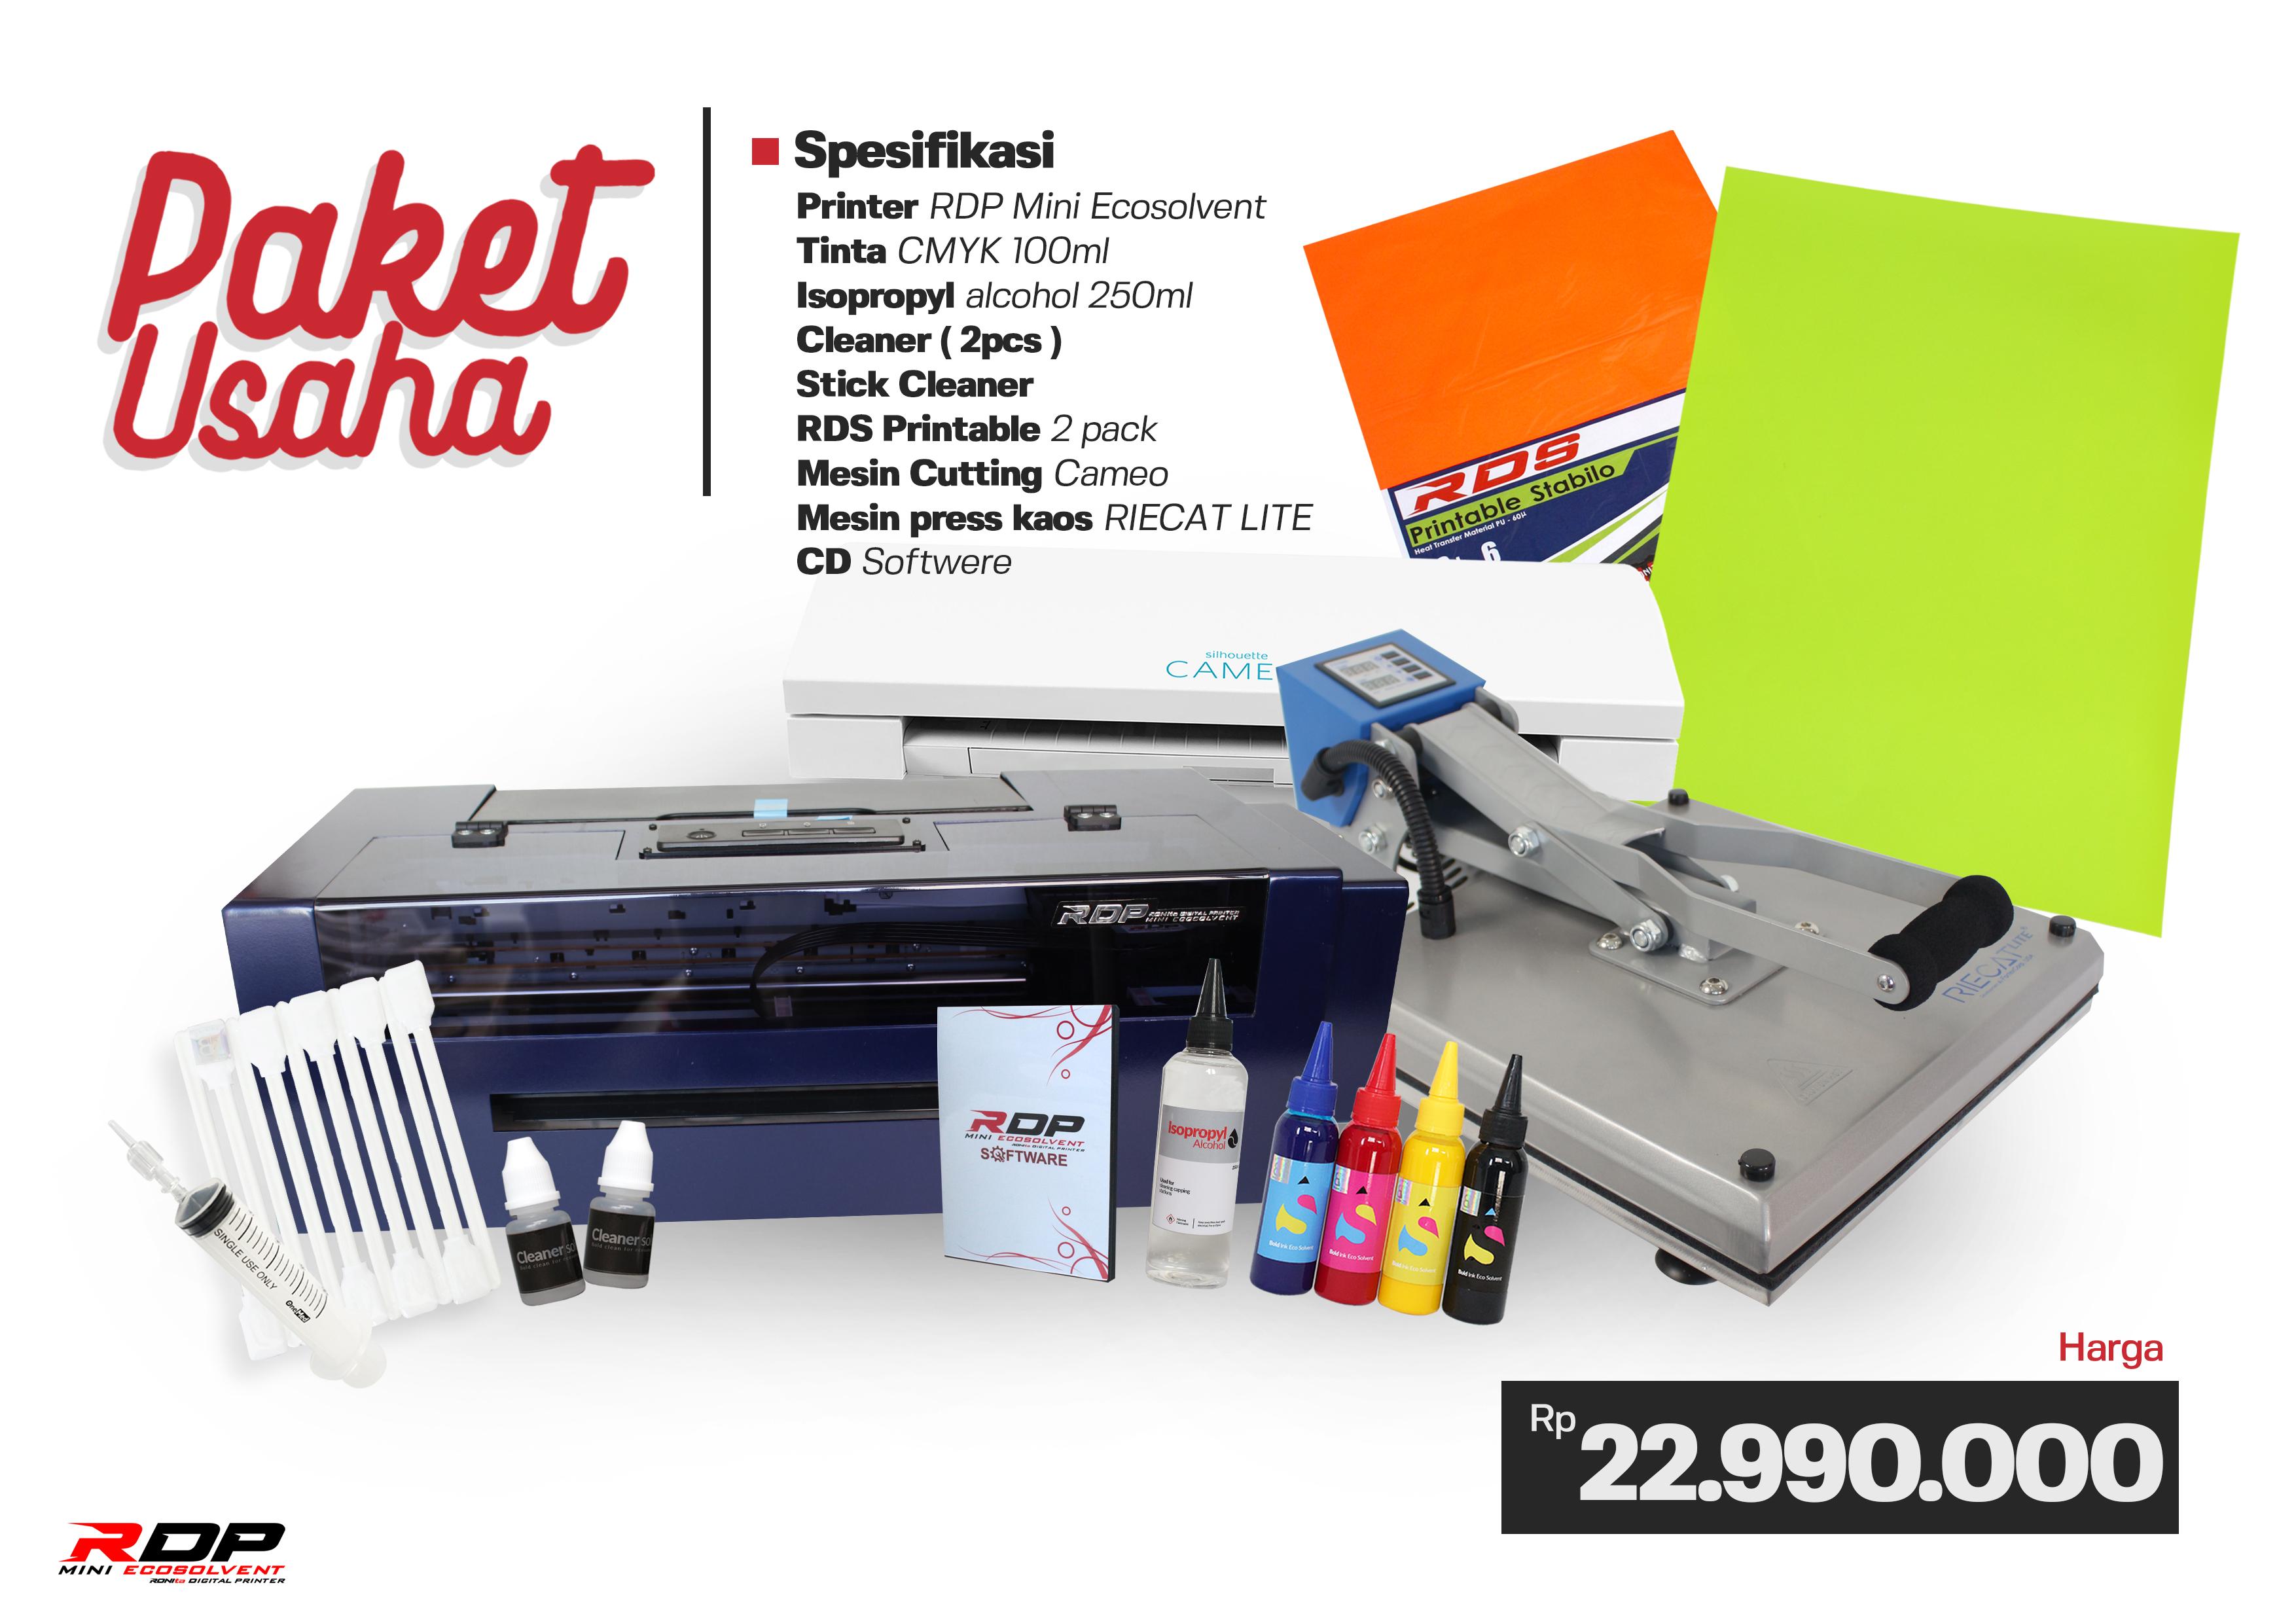 paket usaha printer RDP ECOSOLVENT lengkap siap pakai